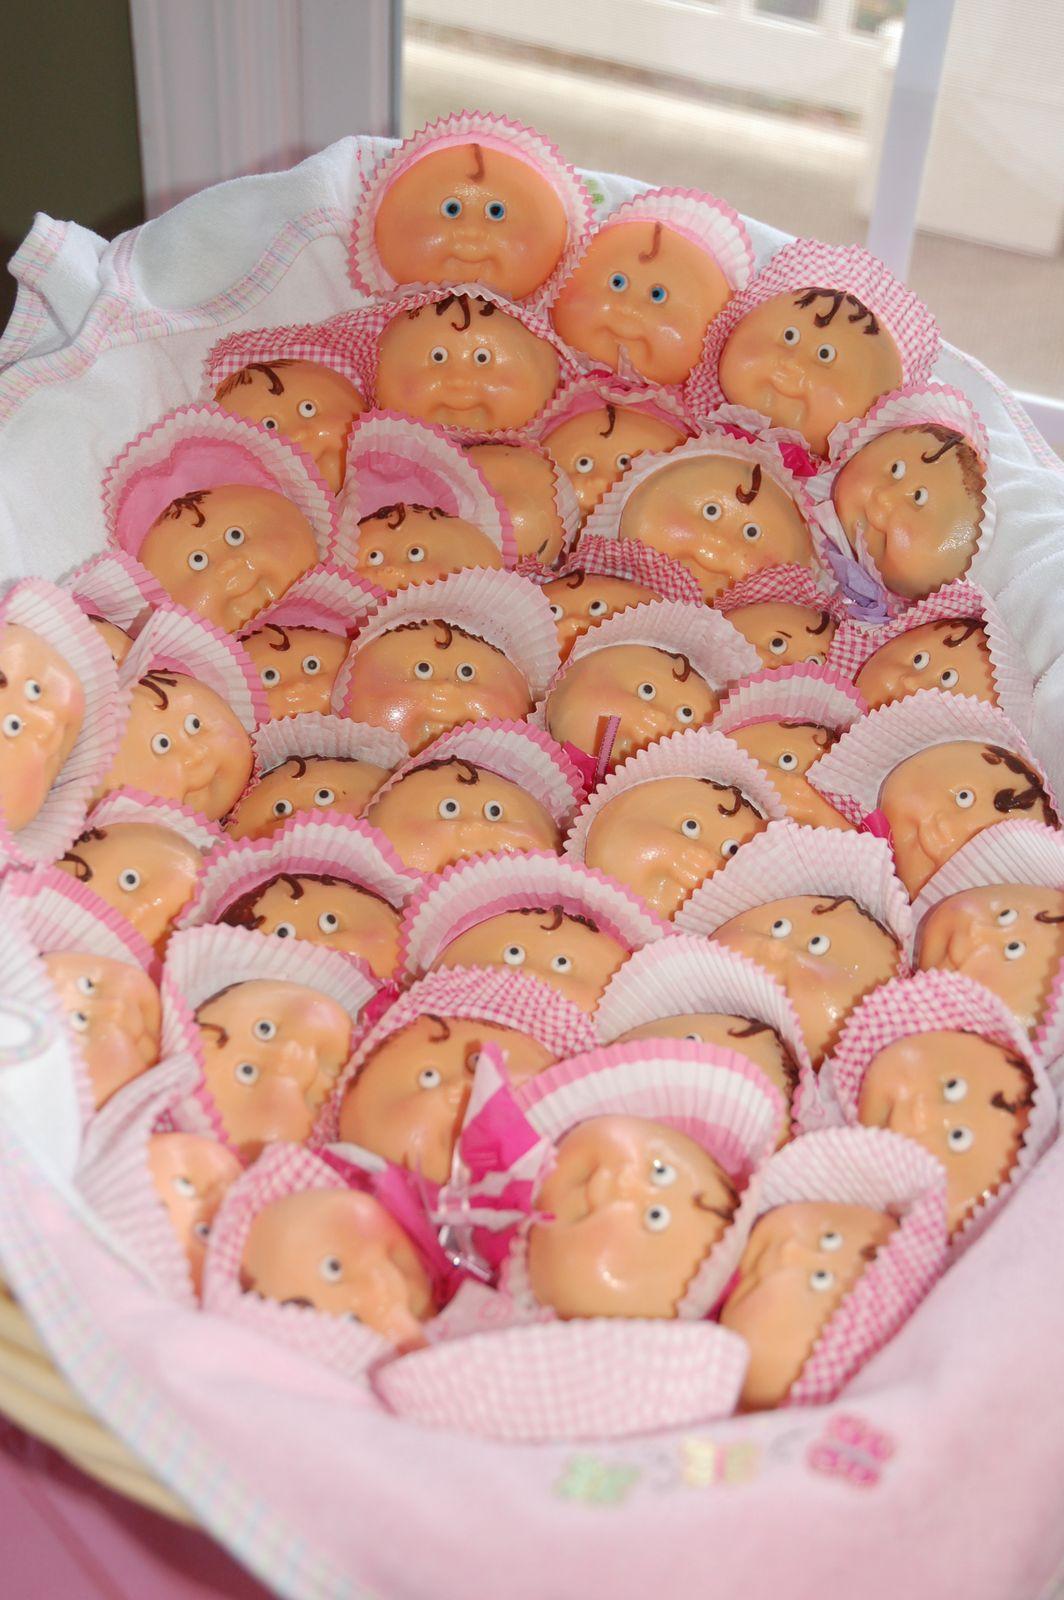 Desserts For Baby Shower  Amazing Dessert Recipes Baby Shower Desserts Part 1